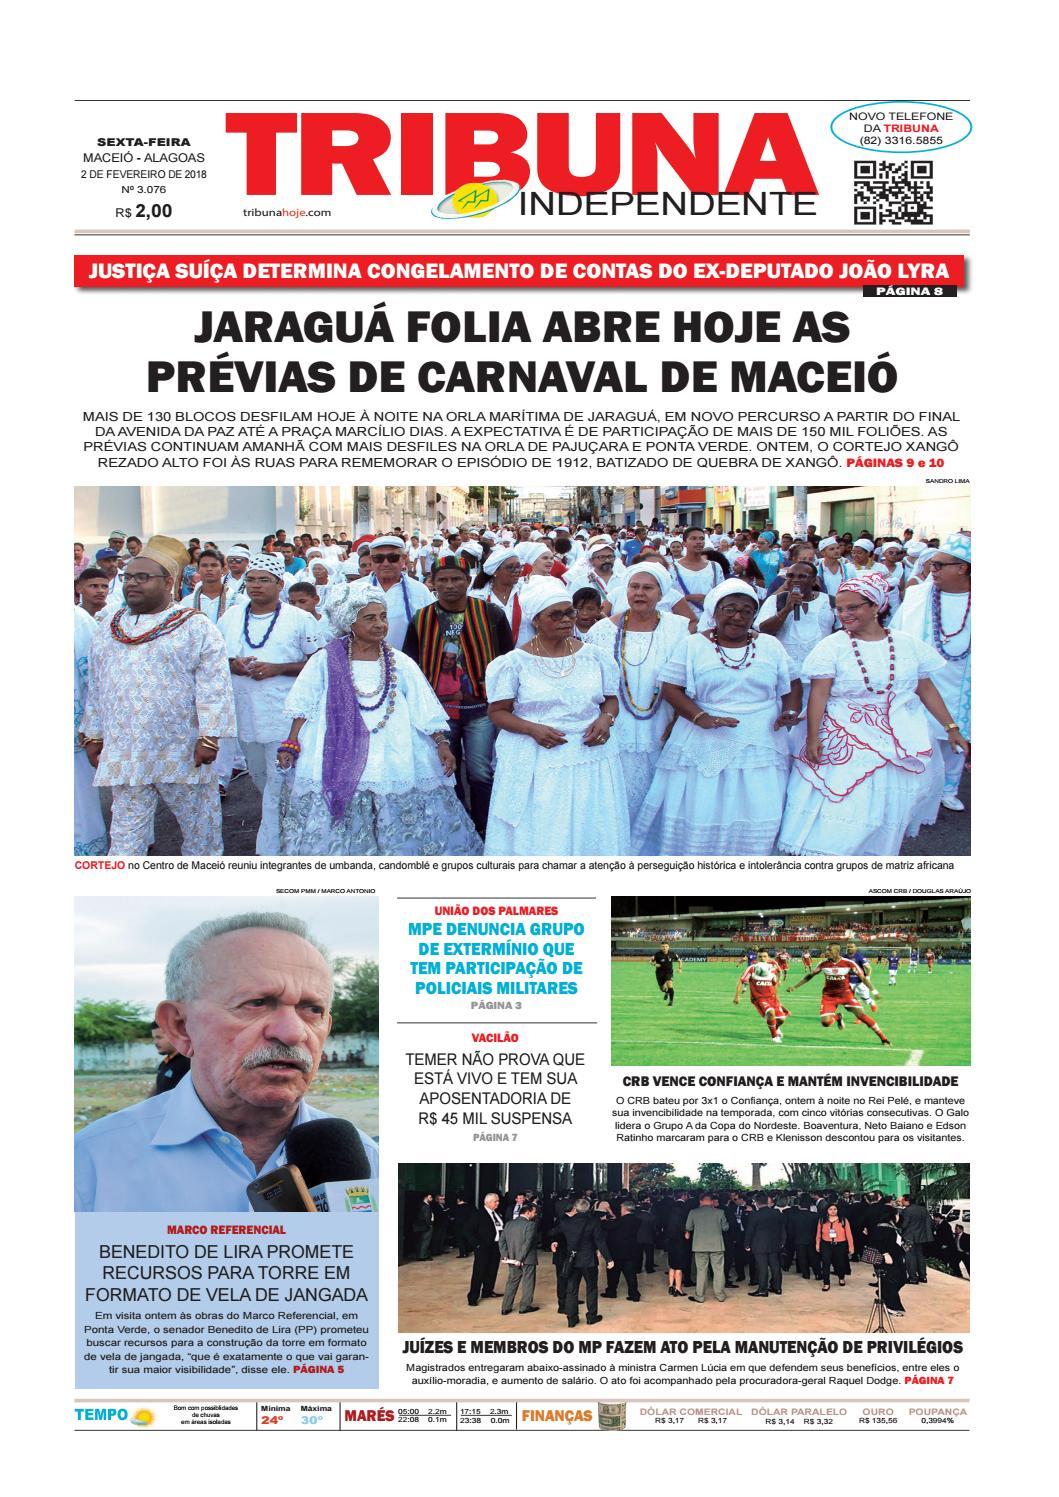 640d96e71c Edição número 3076 - 2 de fevereiro de 2018 by Tribuna Hoje - issuu